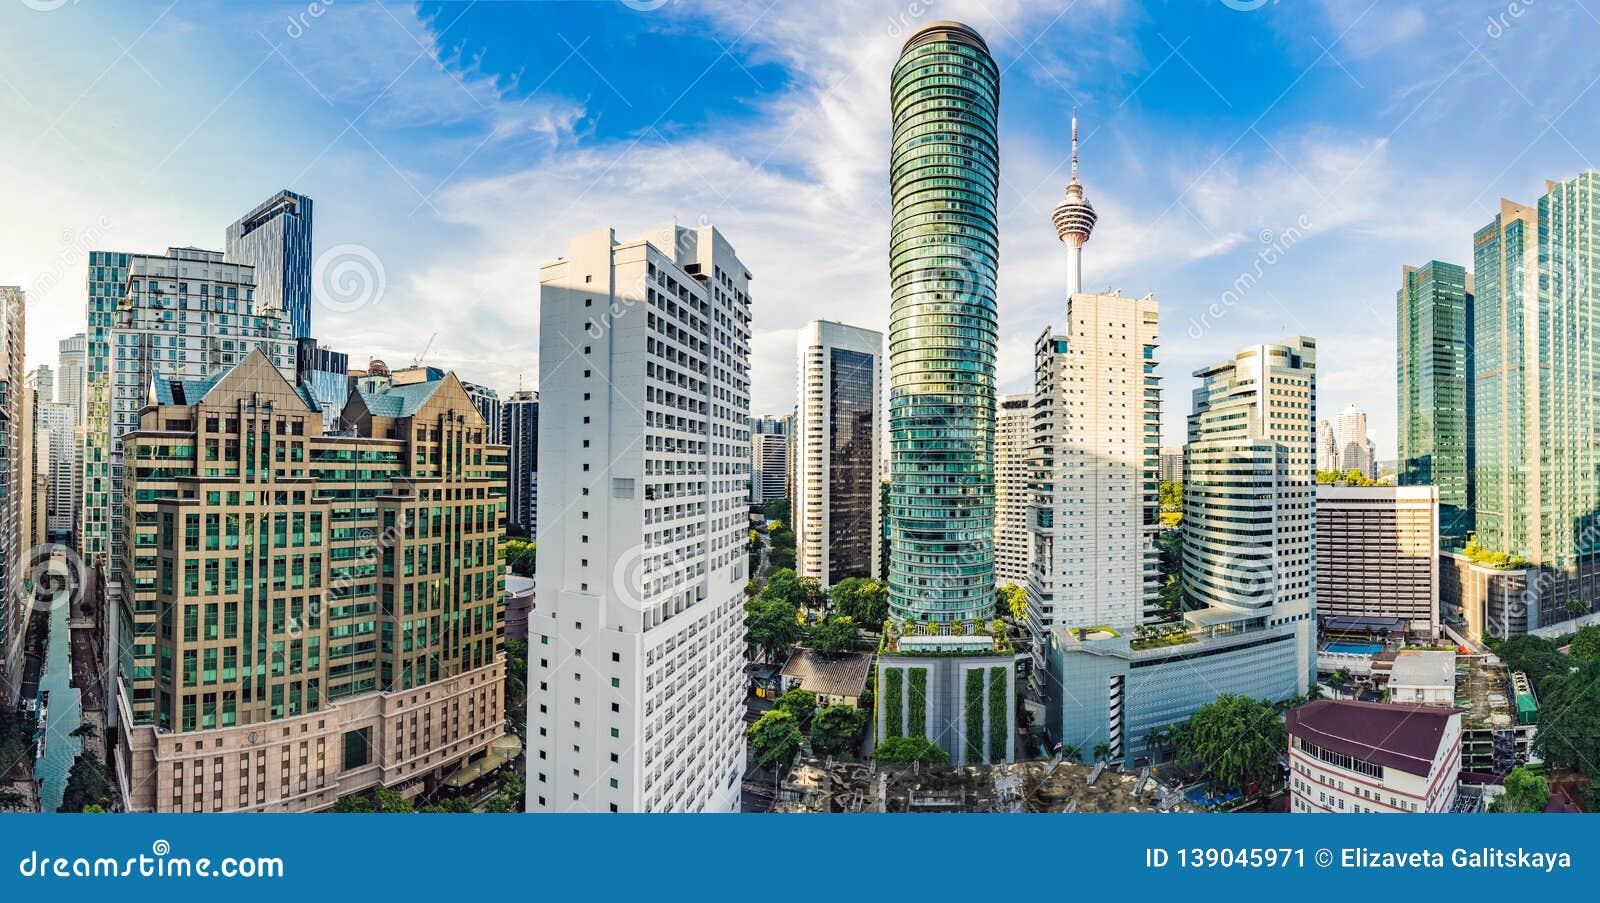 Arranha-céus em Kuala Lumpur, skyline do centro da cidade de Malásia